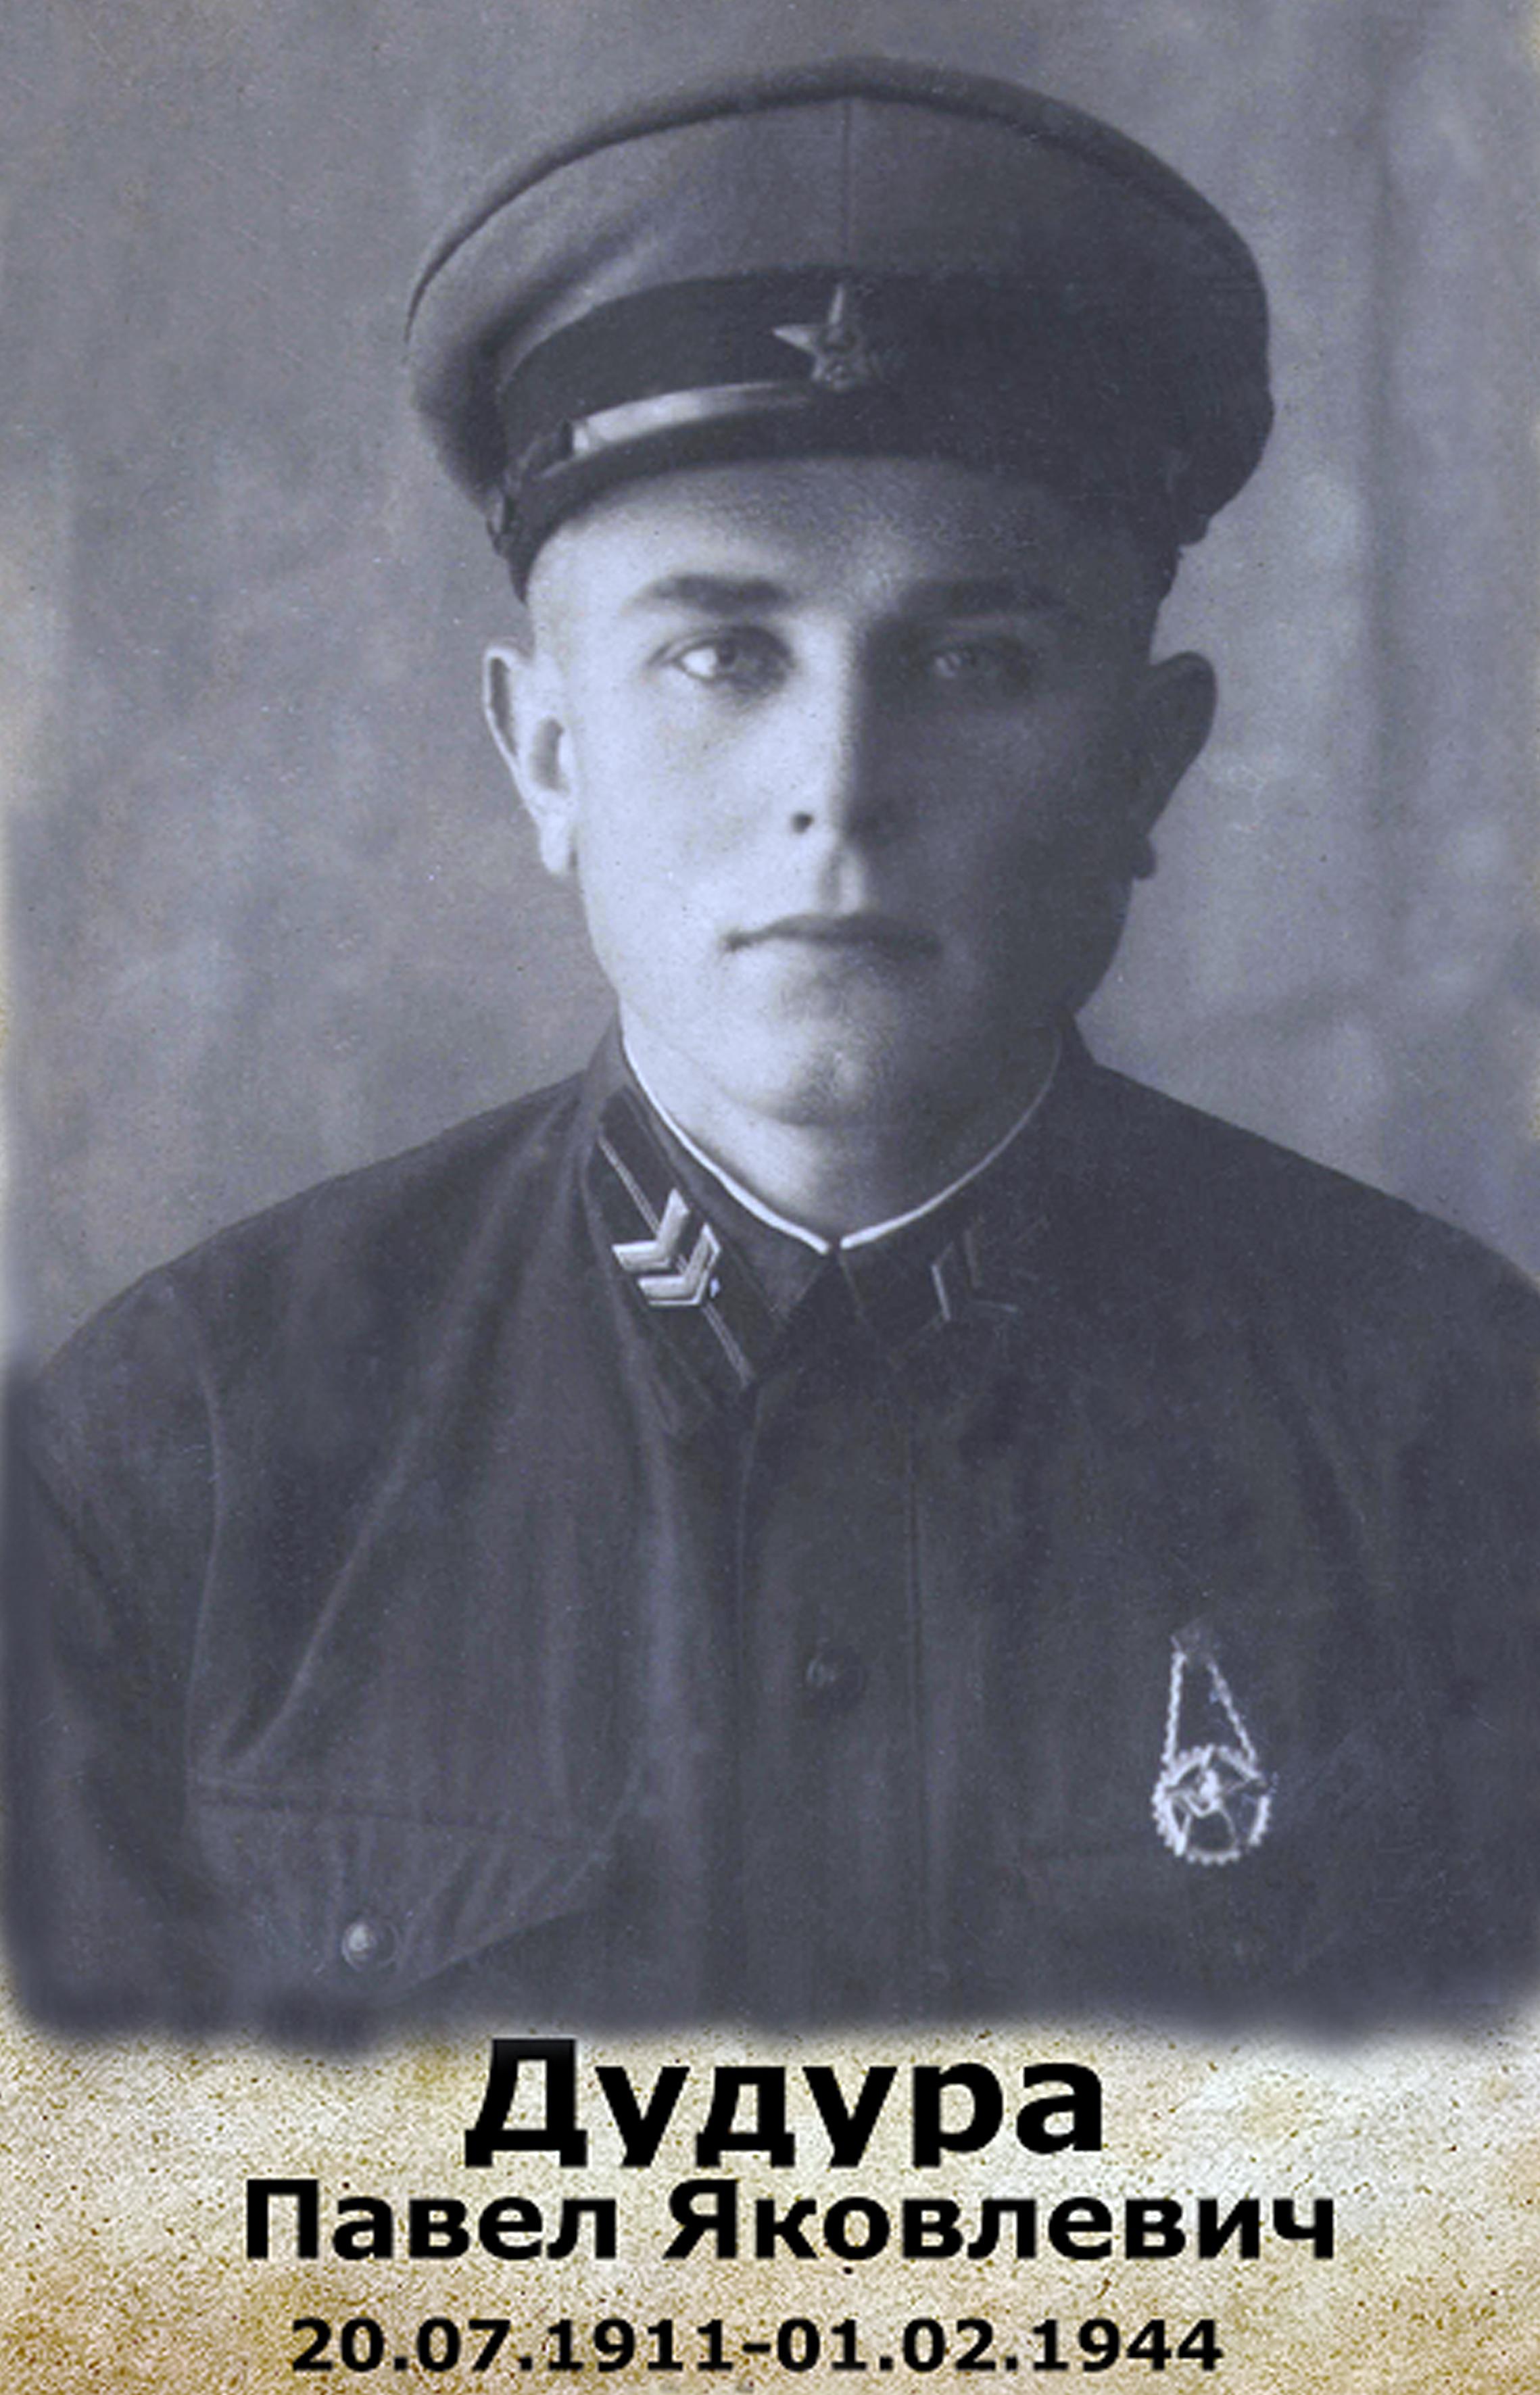 dudura-pavel-yakovlevich-kak-otd-komandir-vojjsk-nkvd.jpg